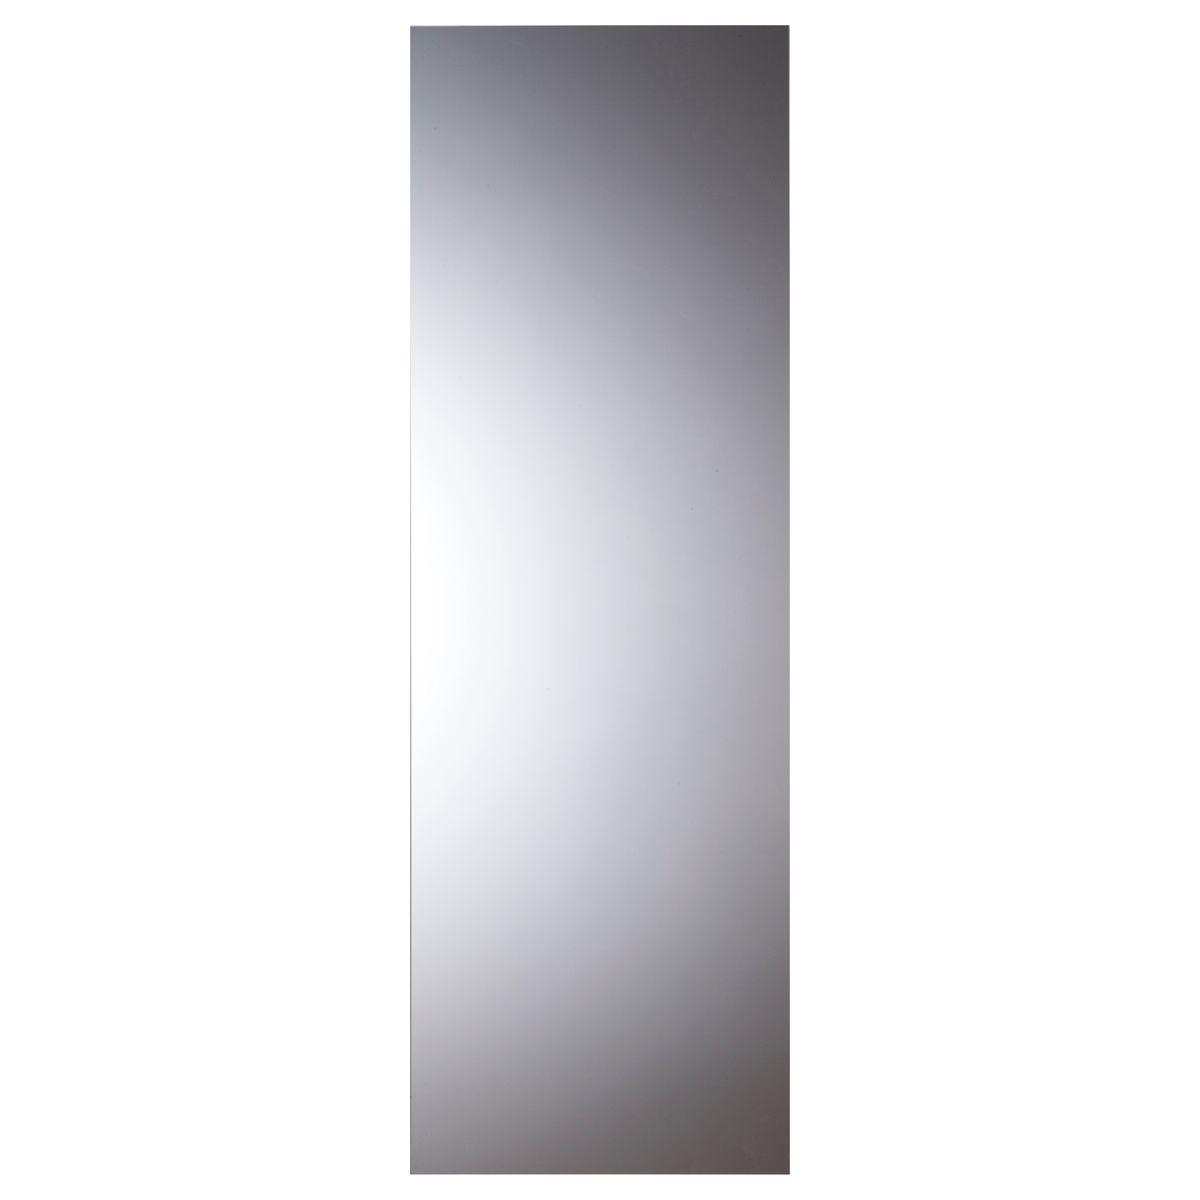 Bagno Specchio Semplice 50 X 150 Cm 30827293